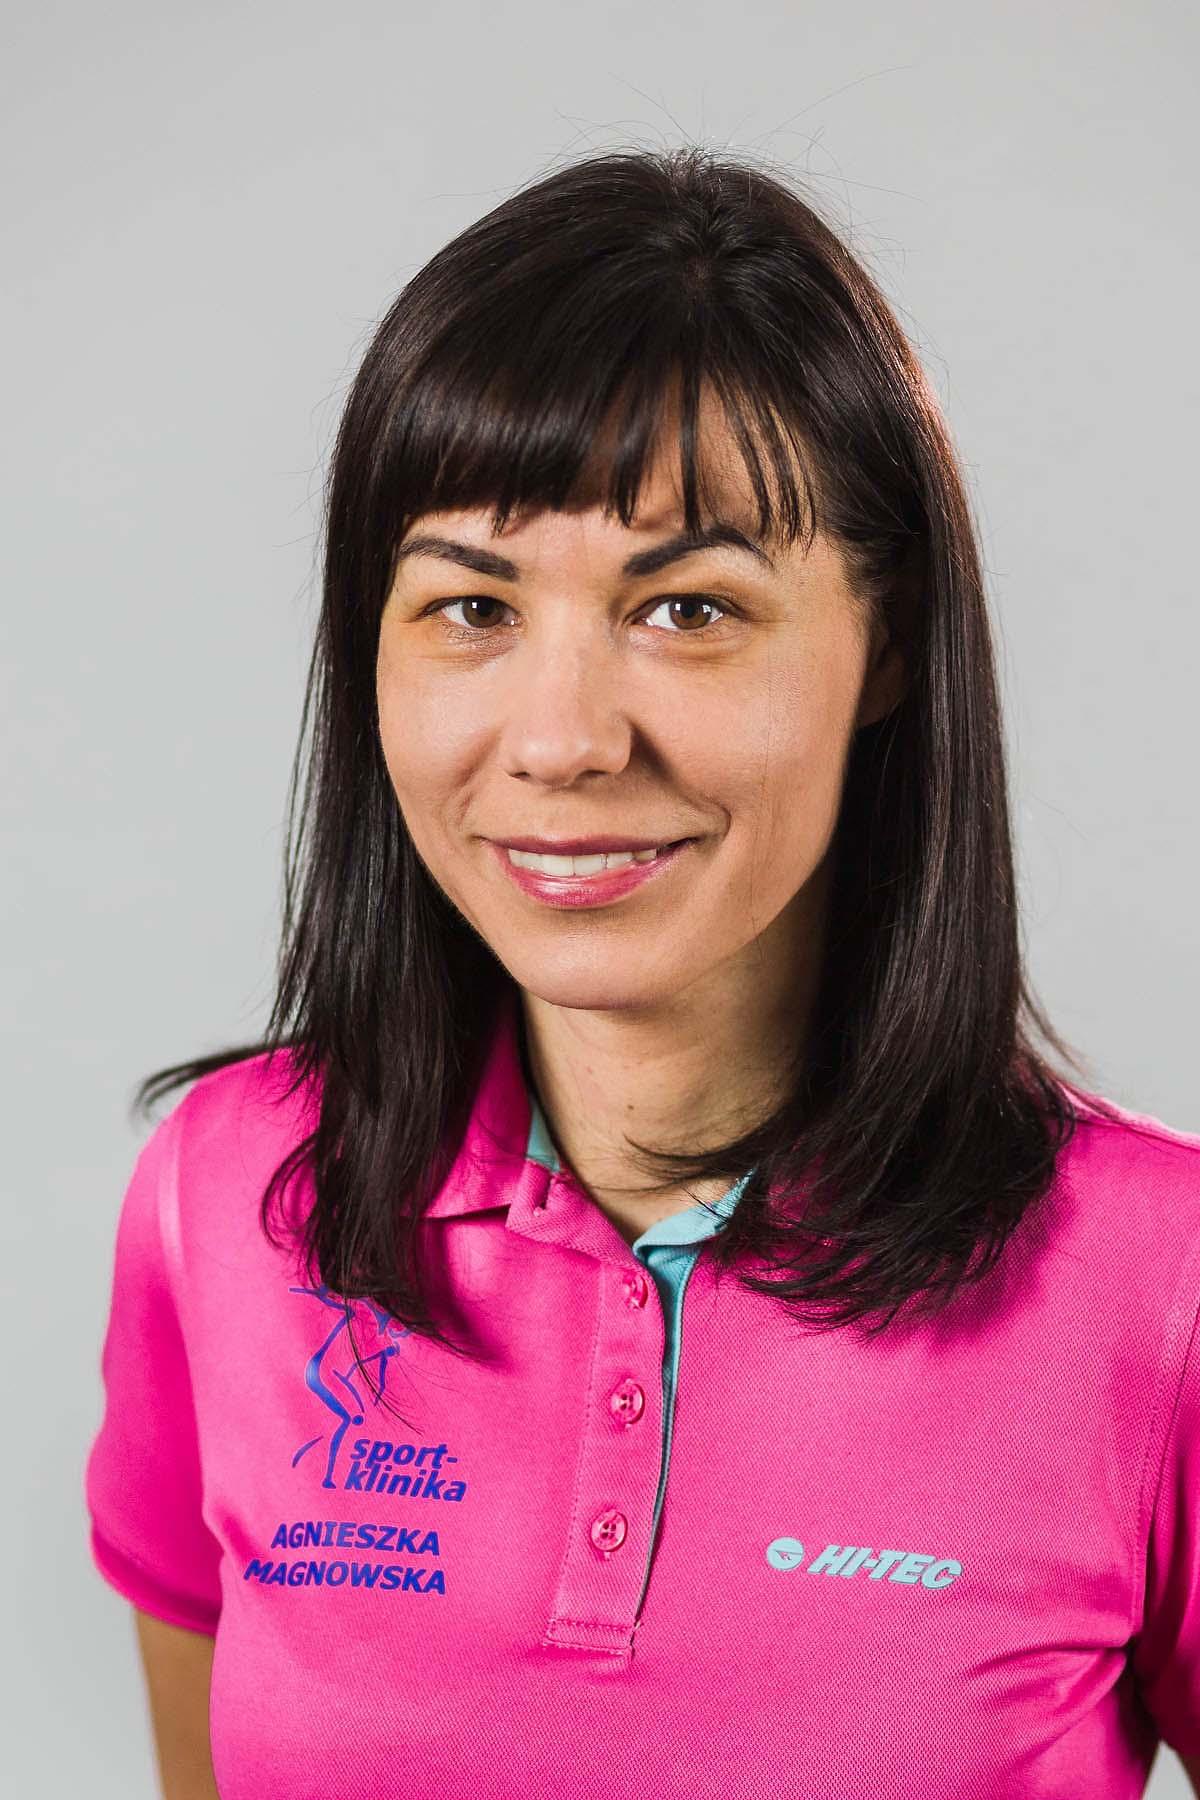 mgr Agnieszka Magnowska